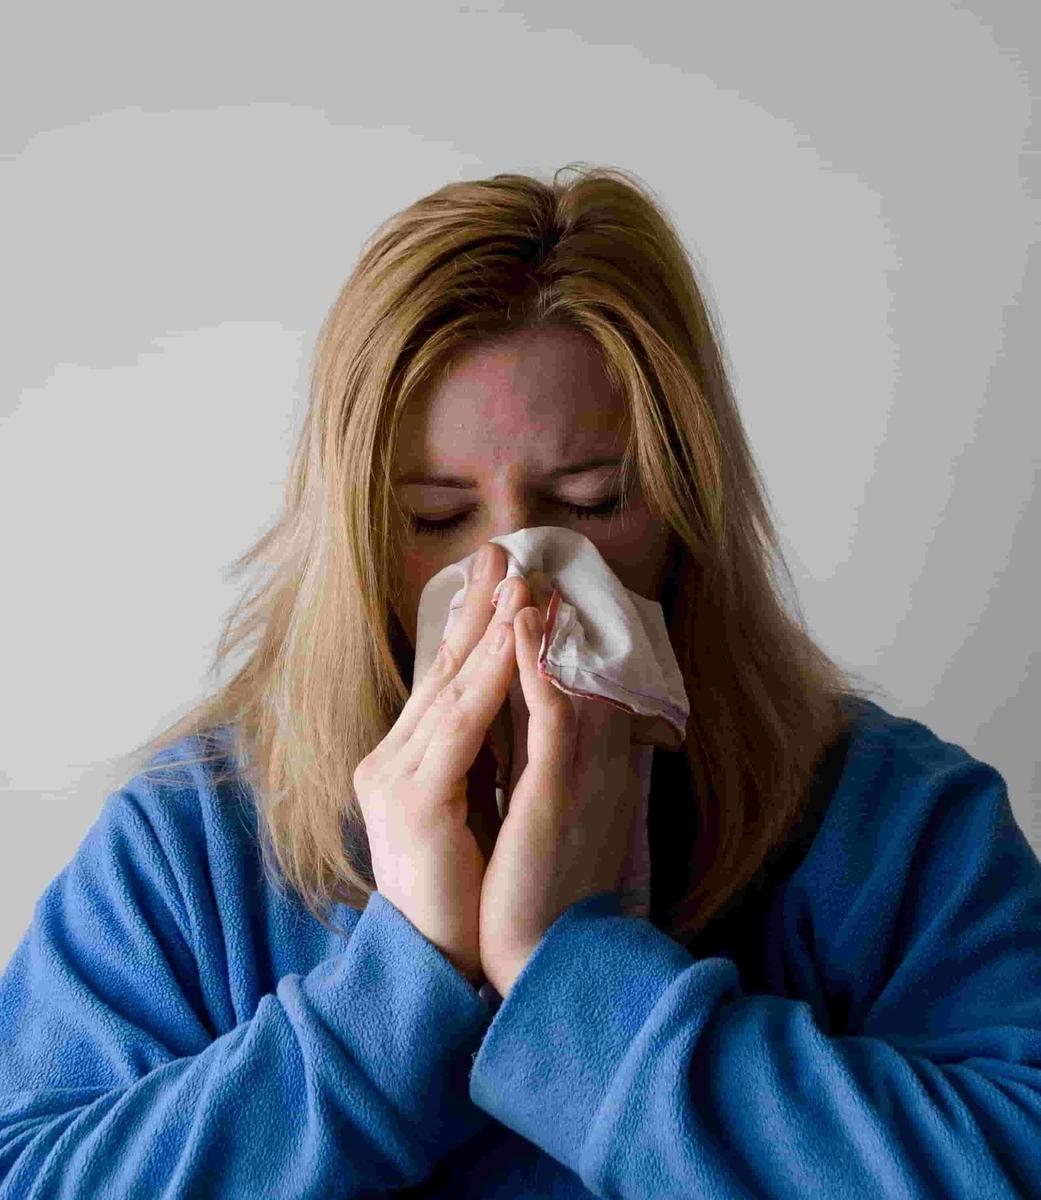 砂糖による免疫低下により風邪をひいた女性